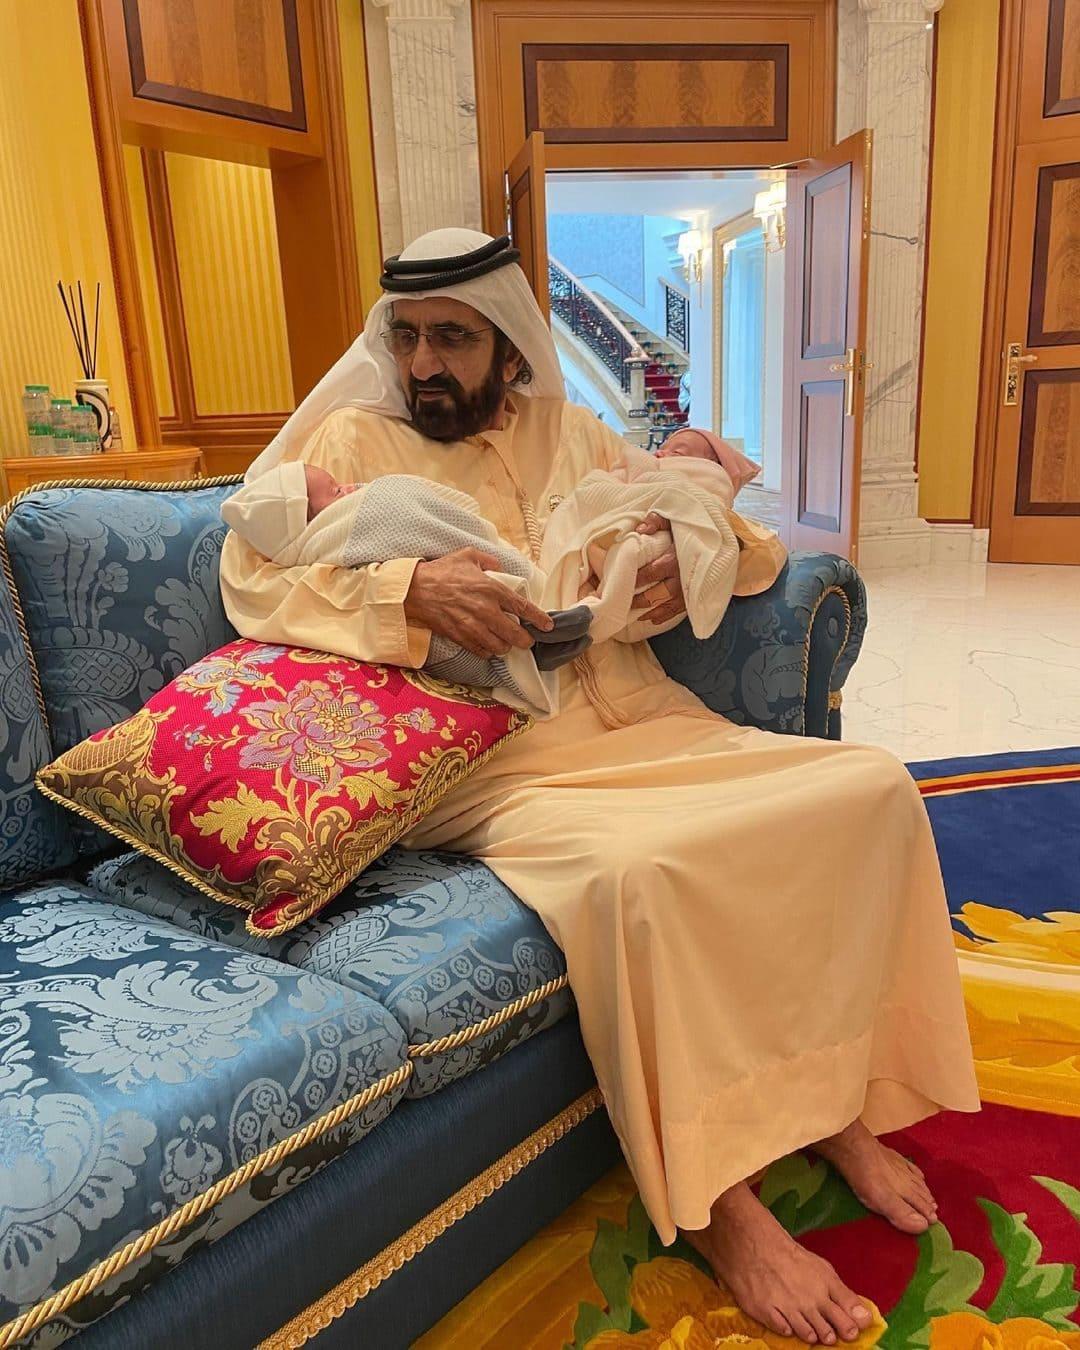 Hamdan bin Mohammed Al Maktoum Wiki, Age, Bio & More 3